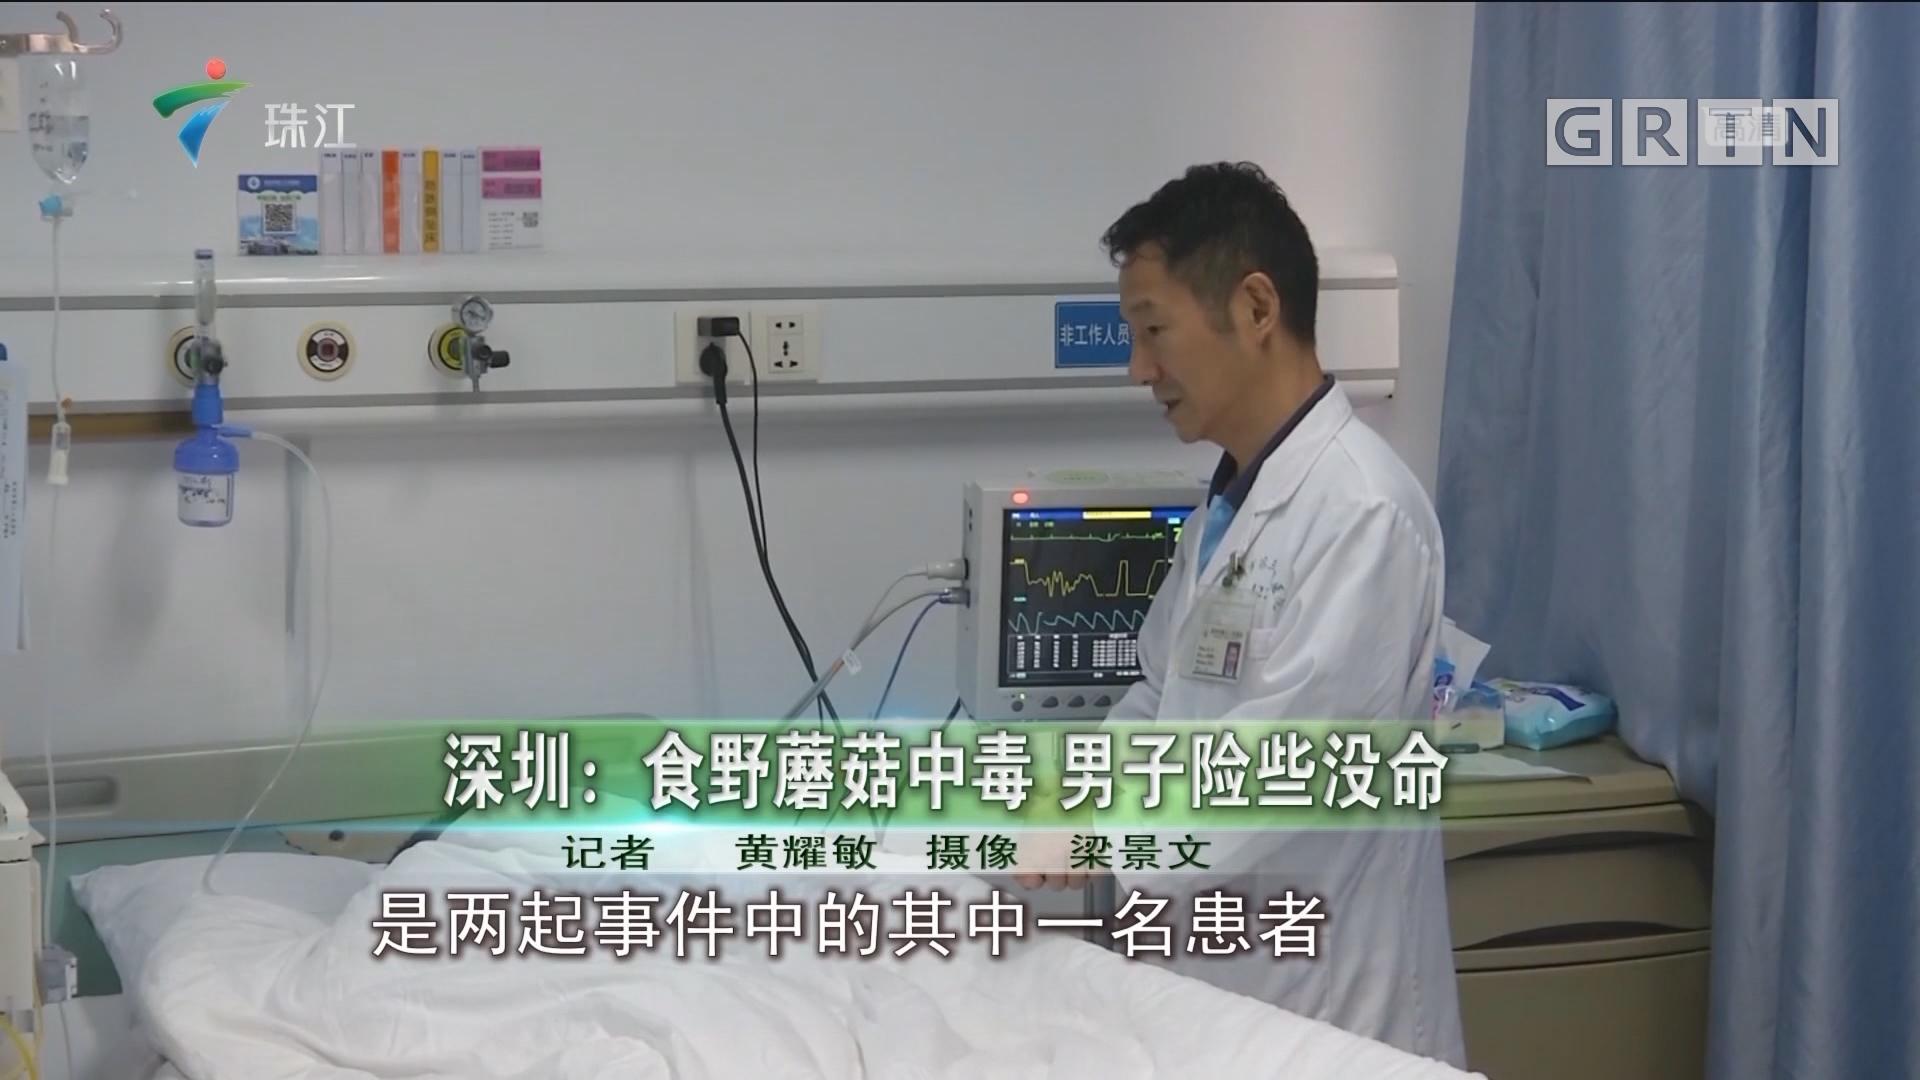 深圳:食野蘑菇中毒 男子险些没命